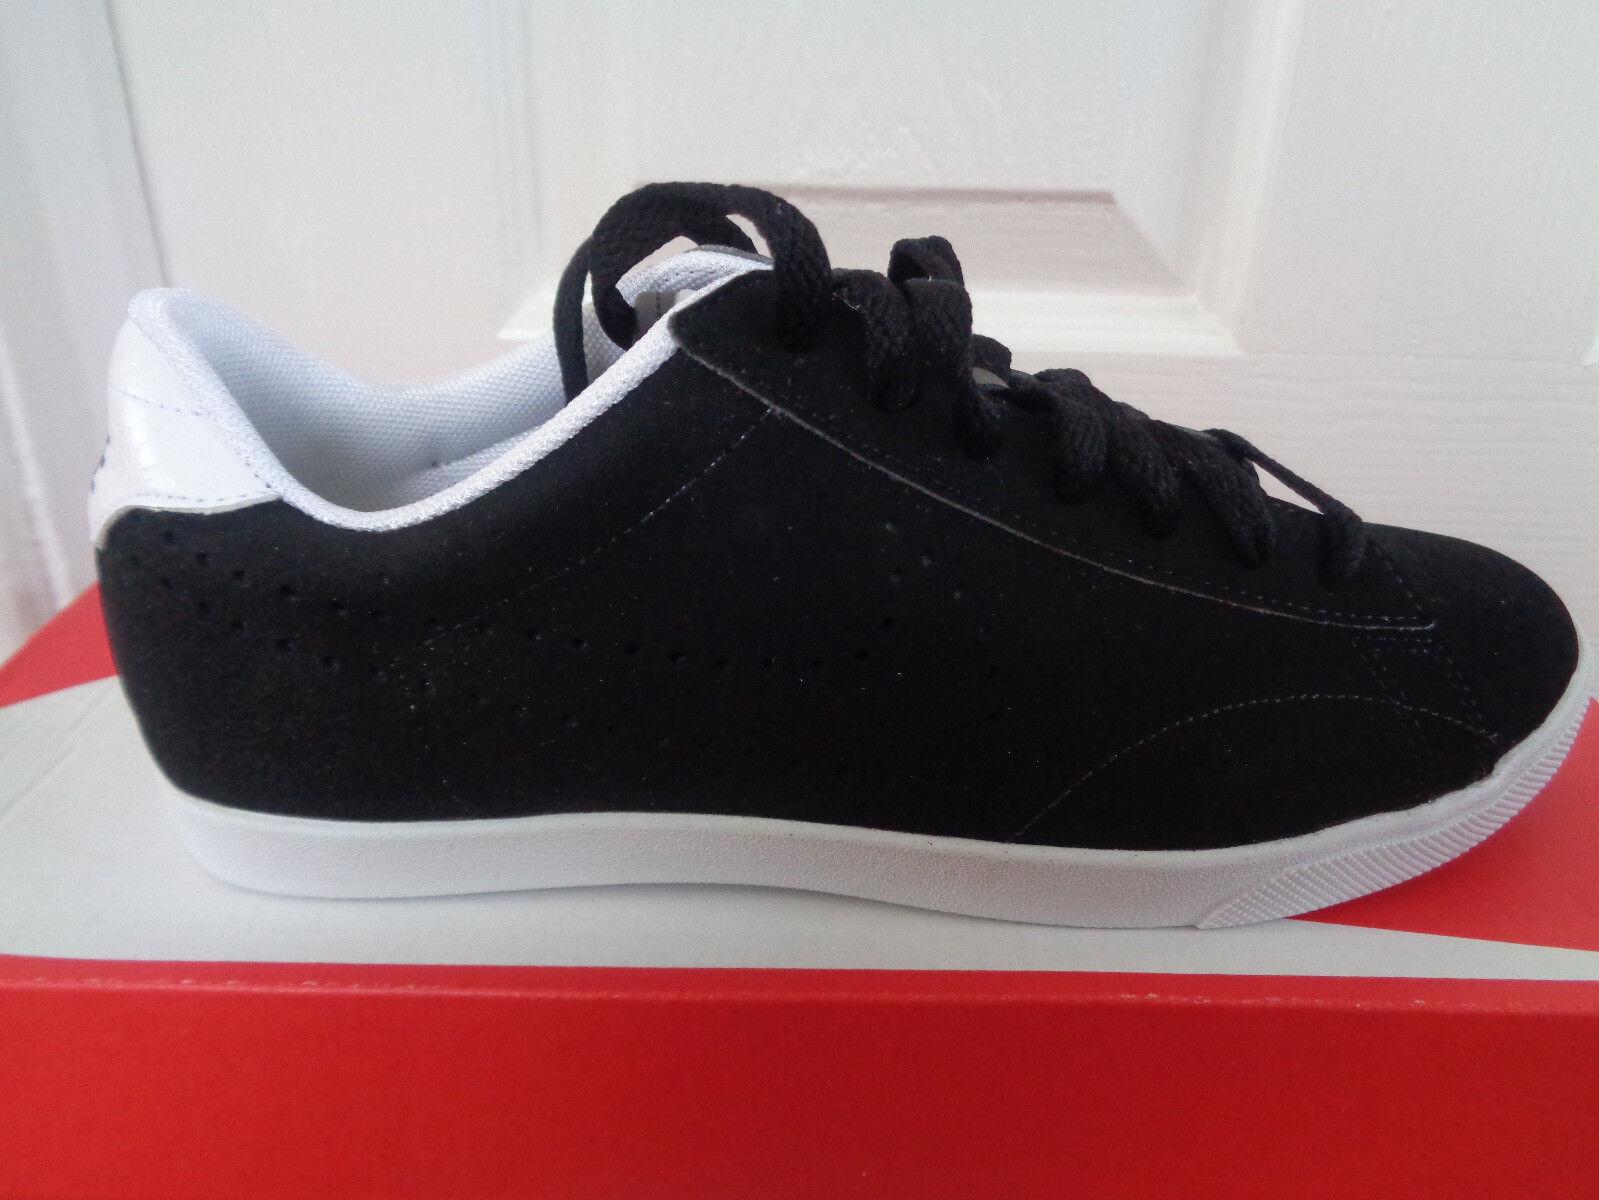 Nike Racquette LTR wmns trainers shoes 454412 091 uk uk uk 5 eu 38.5 us 7.5 NEW+BOX cda7eb